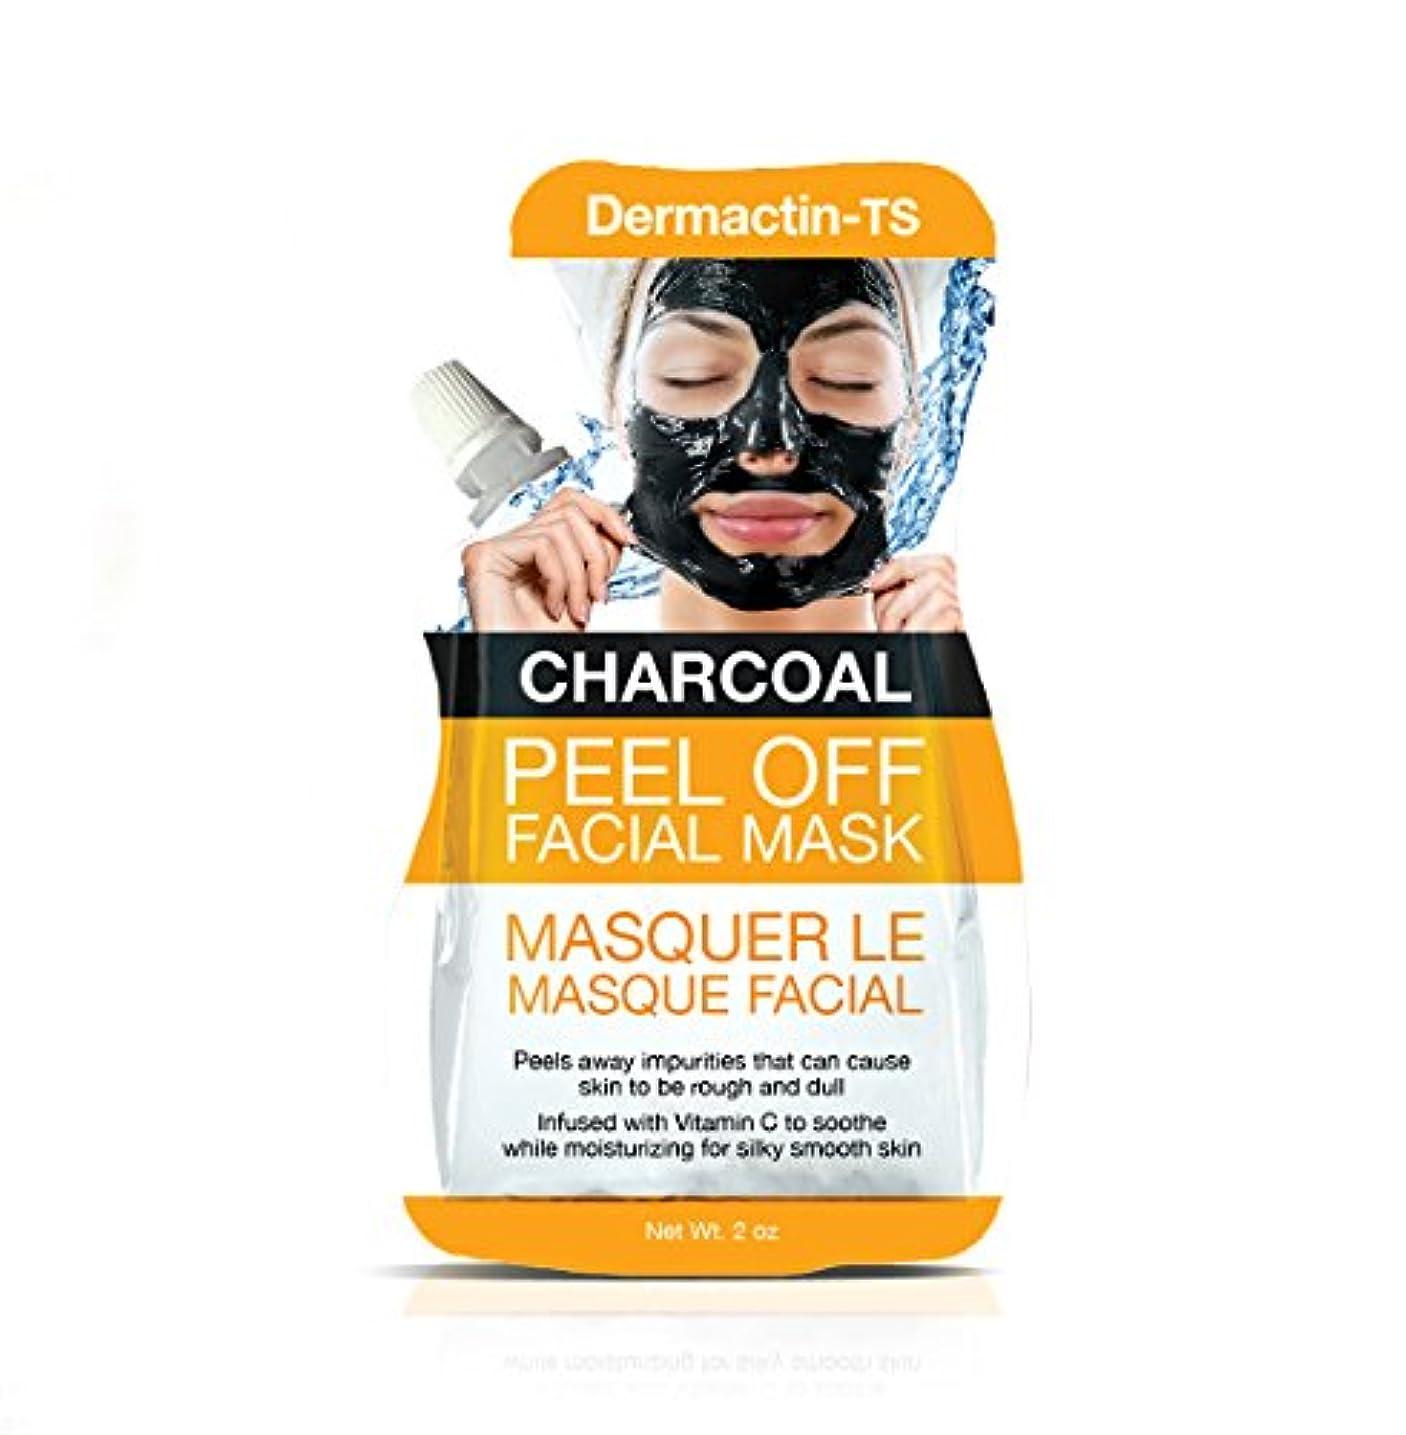 不良品フォージ睡眠Dermactin-TS フェイシャルマスクを剥がすチャコール50 g (並行輸入品)